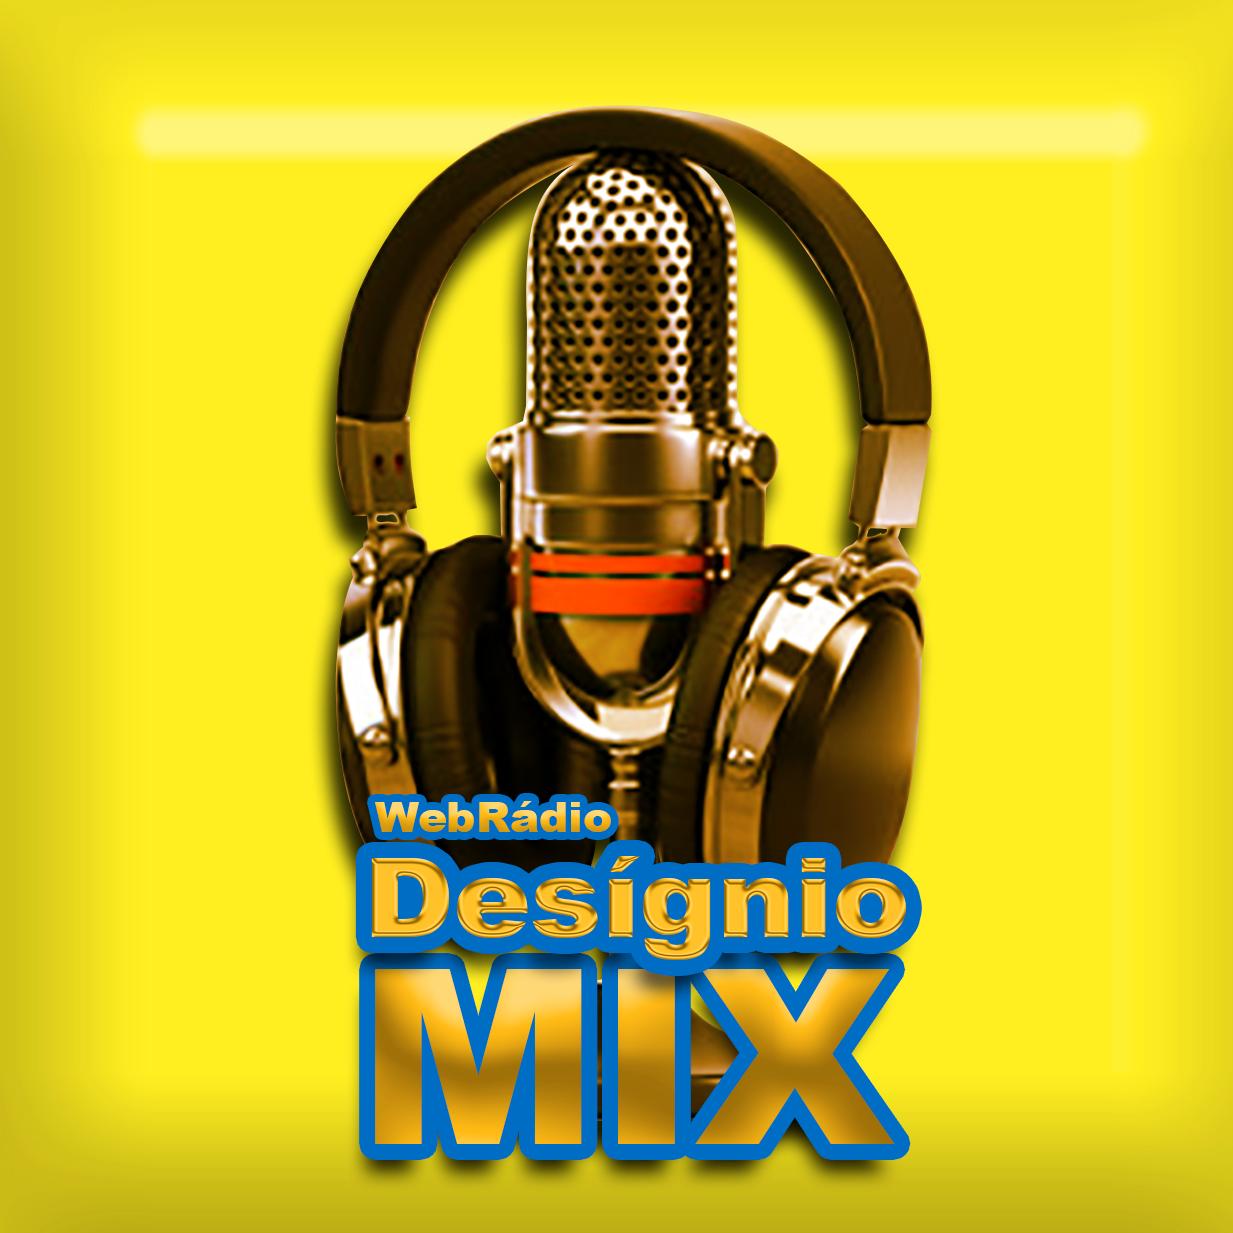 www.zeno.fm/webradiodesigniomix